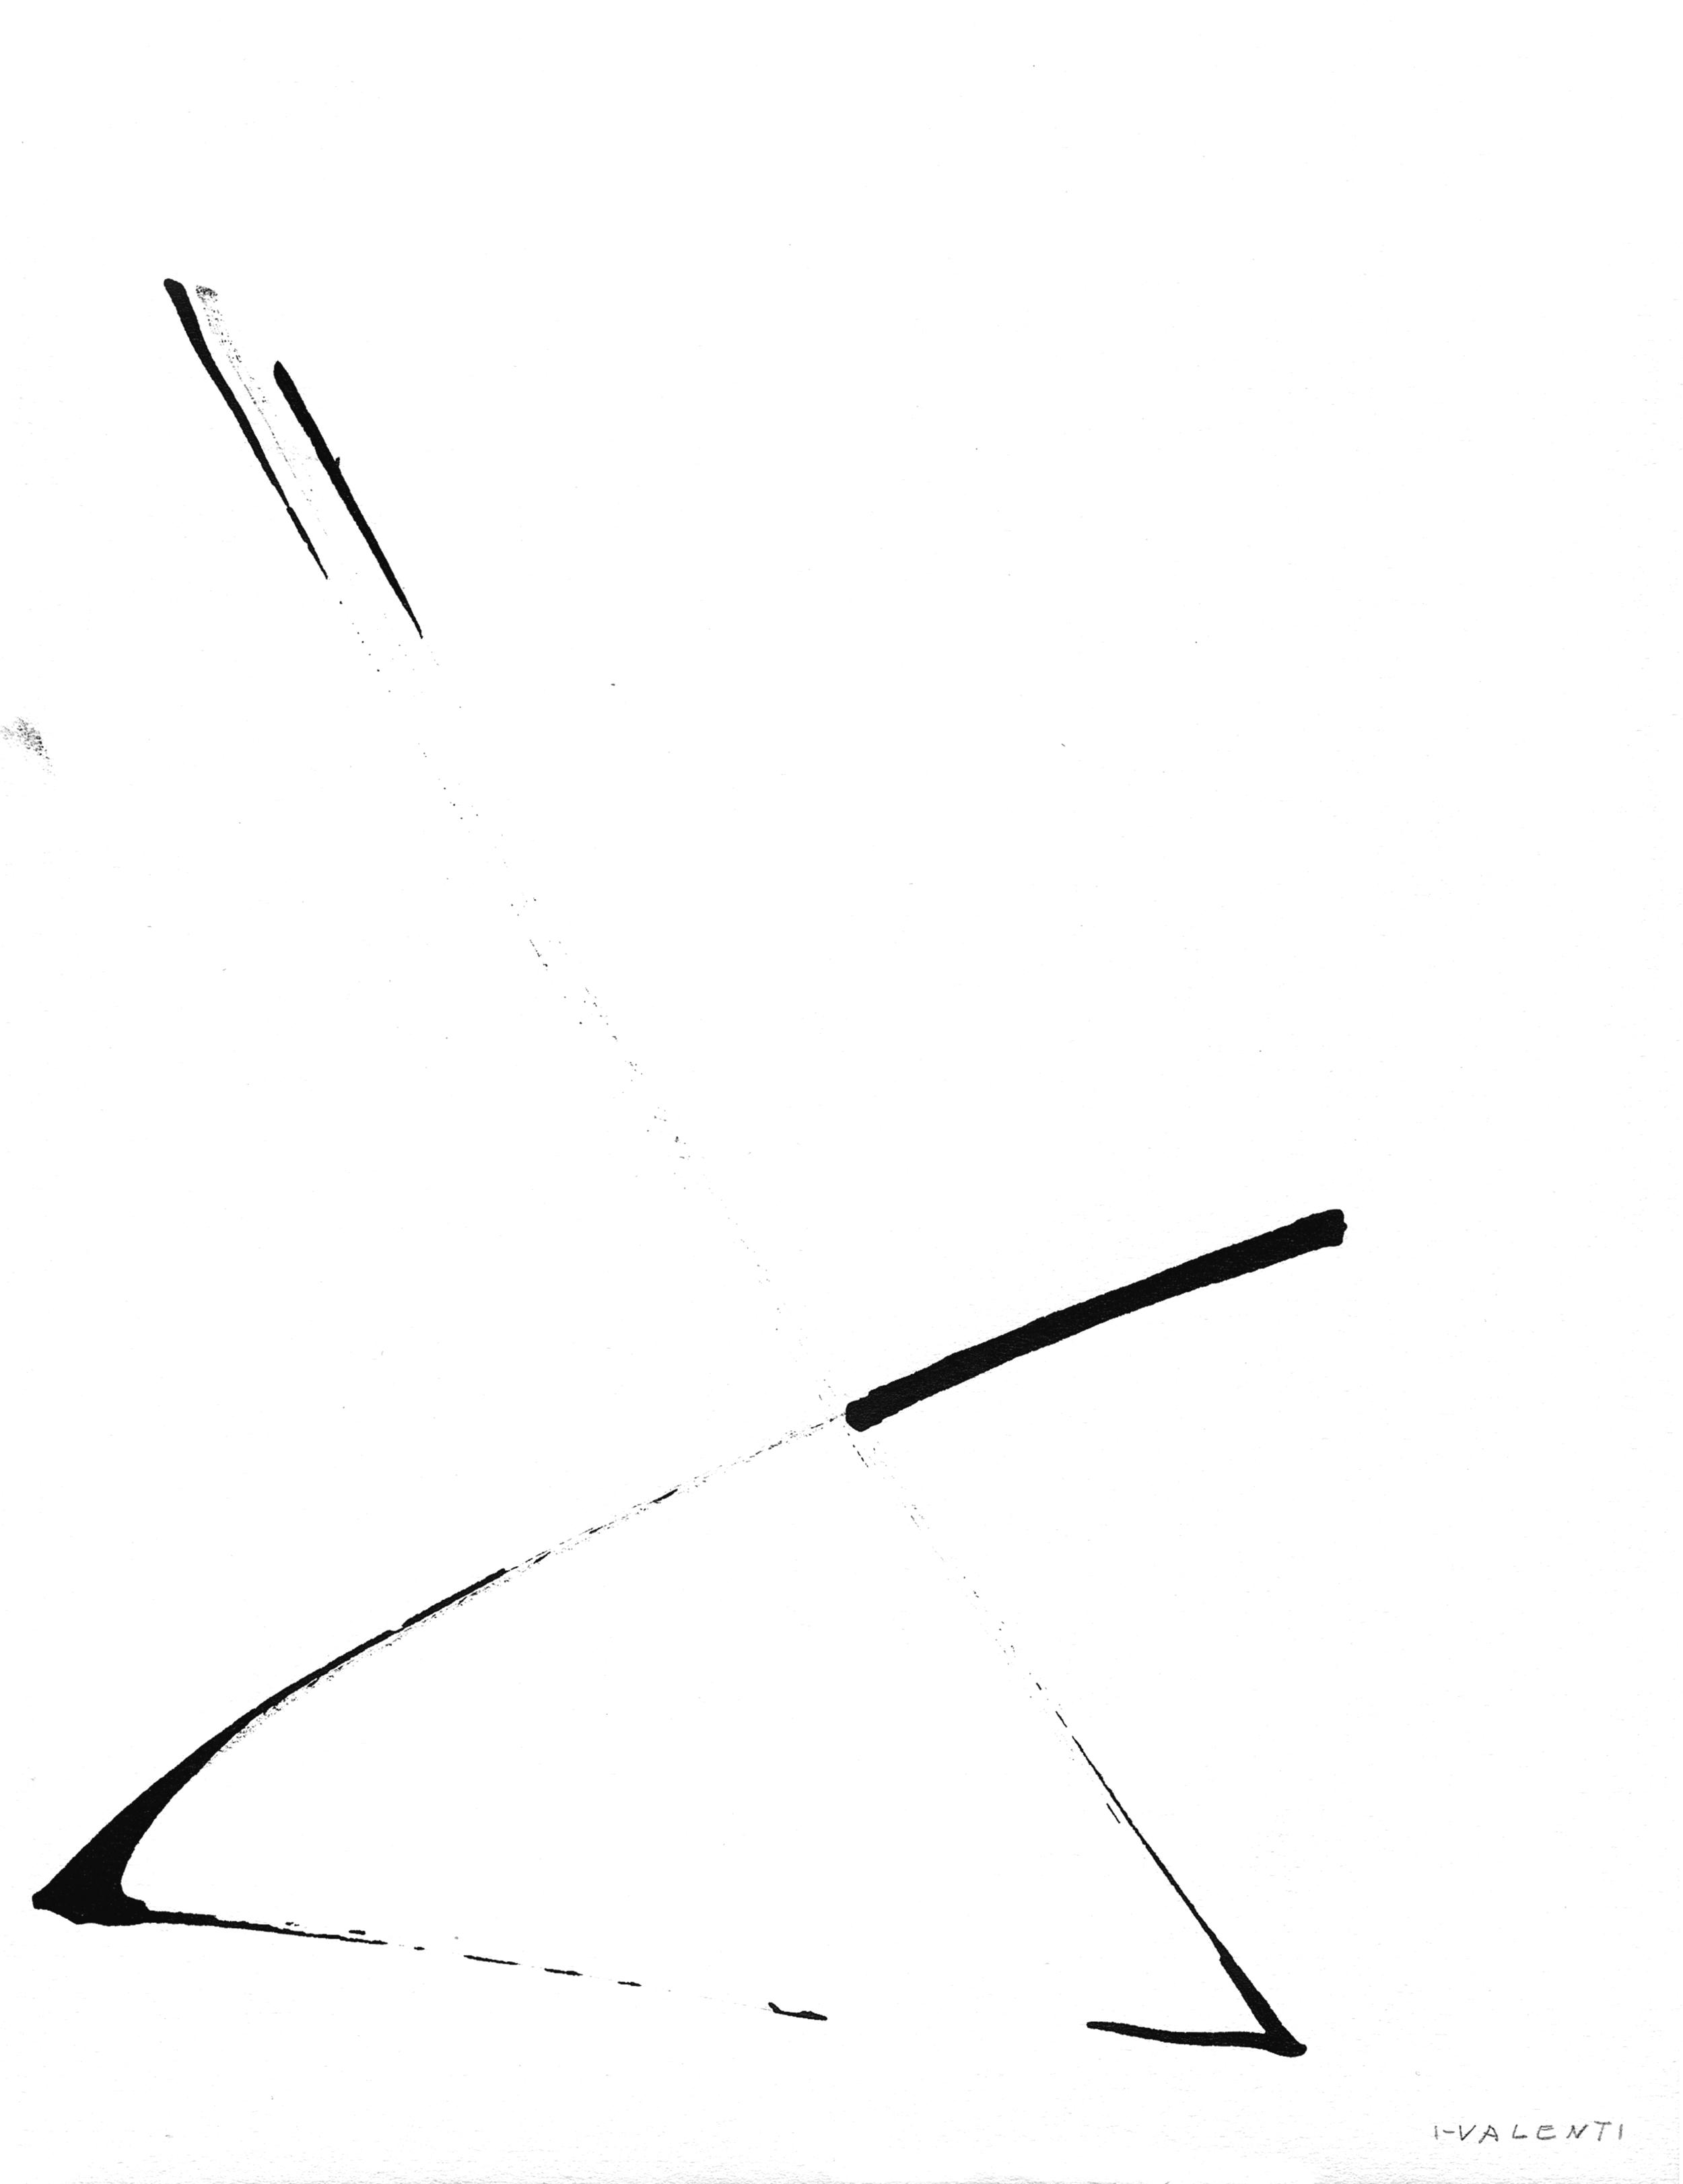 Senya Titolo (1) 1977 cm 32x24,8 Inchiostro di china su carta.jpg